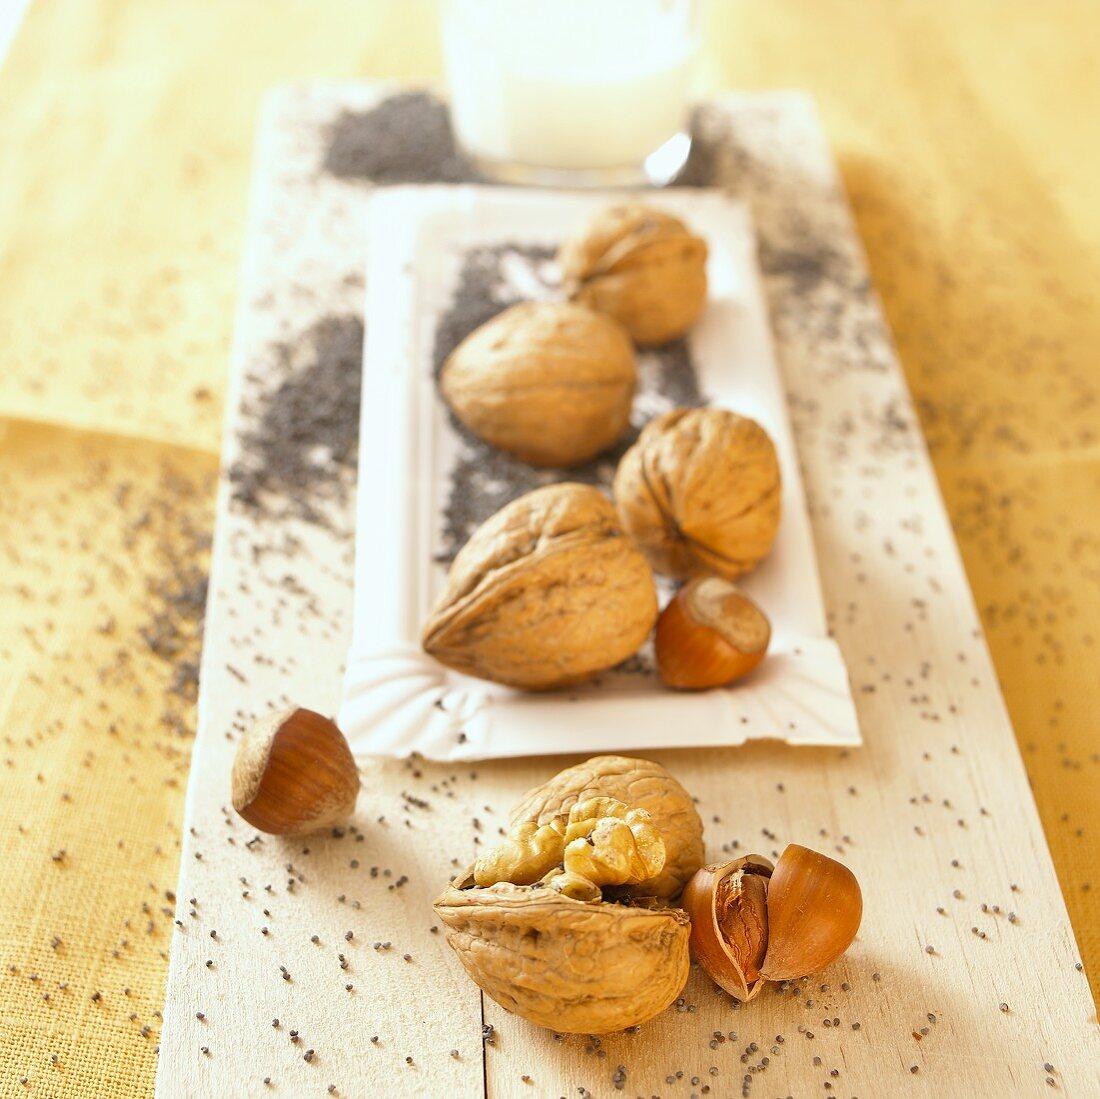 Hazelnuts, walnuts and poppy seeds with a glass of milk